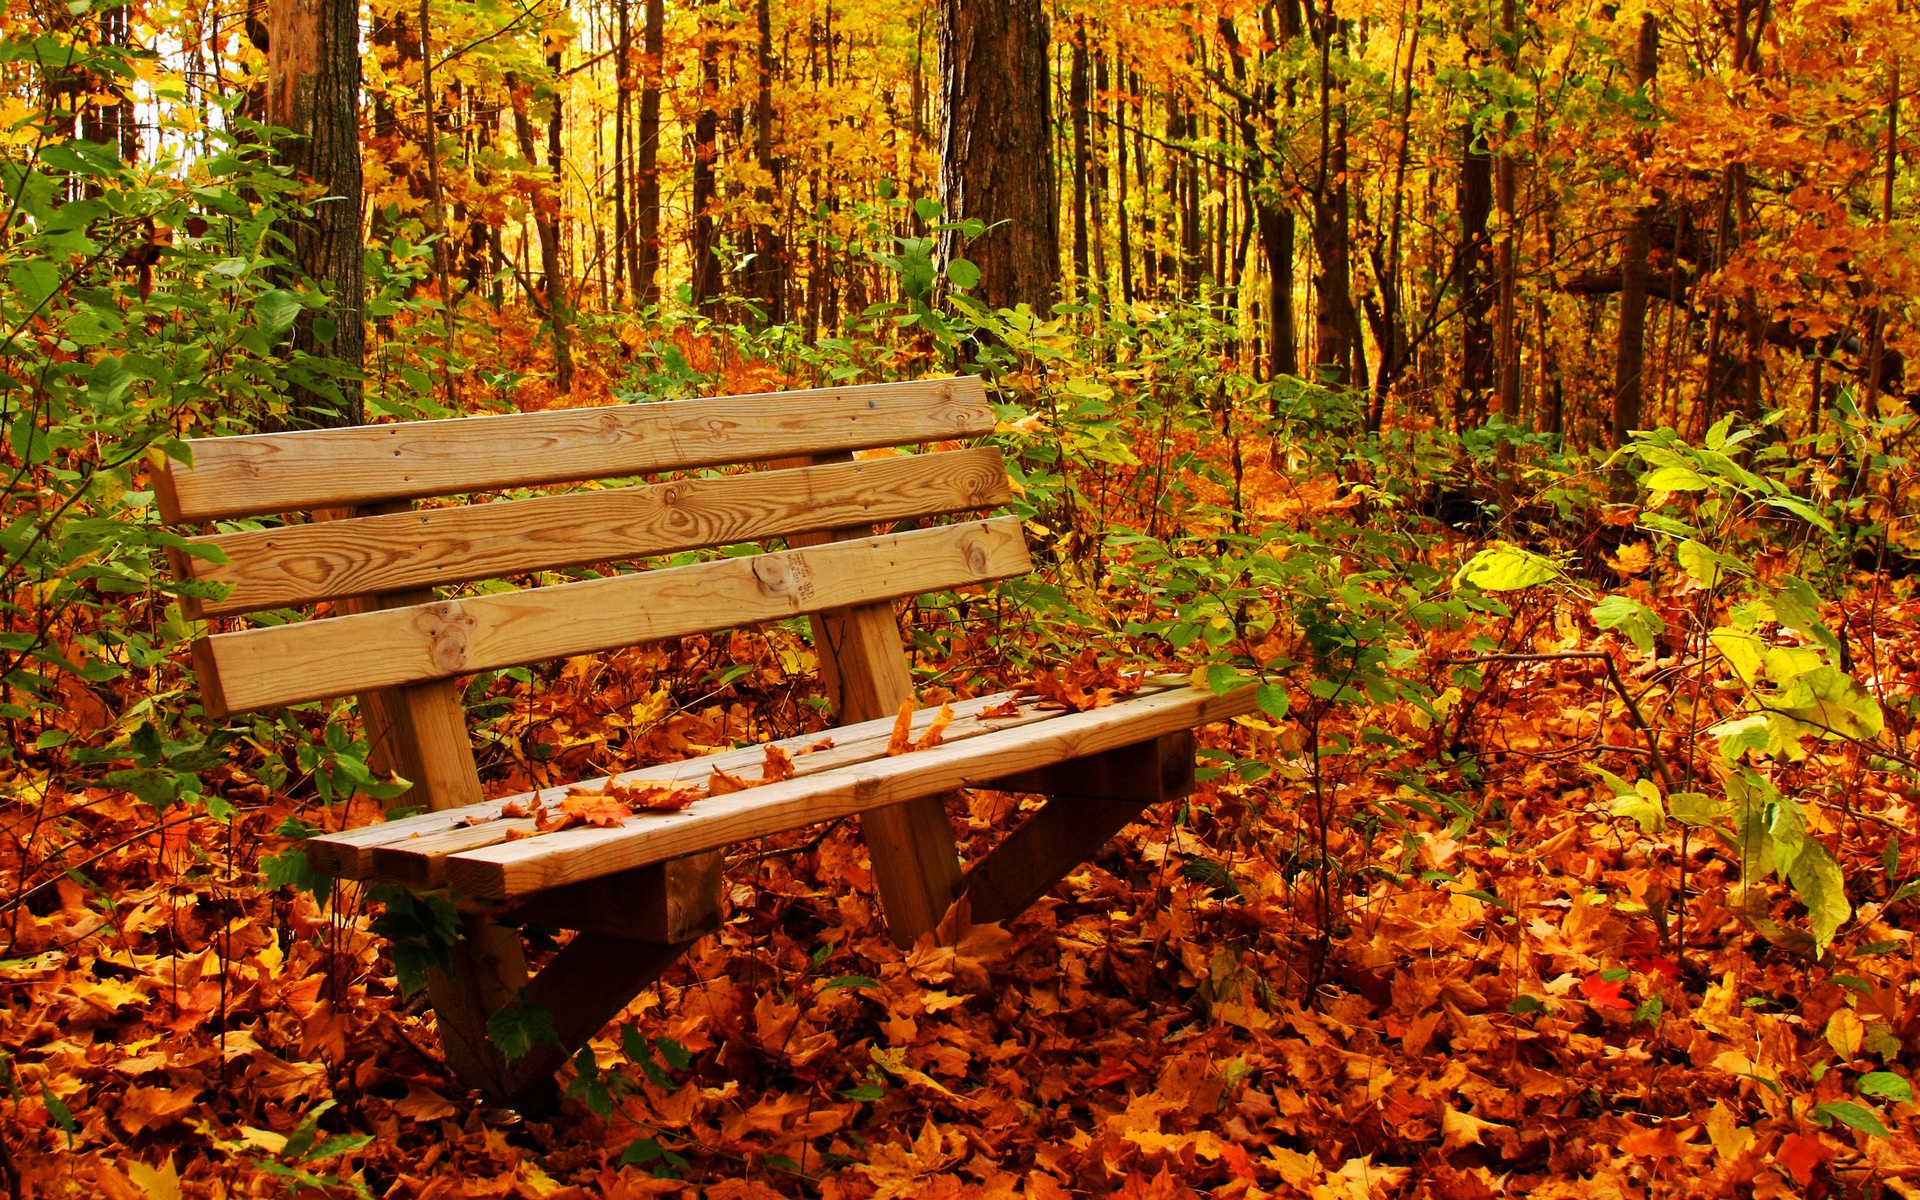 осень, листопад, опавшие листья, скачать фото, обои на рабочий стол, лавочка